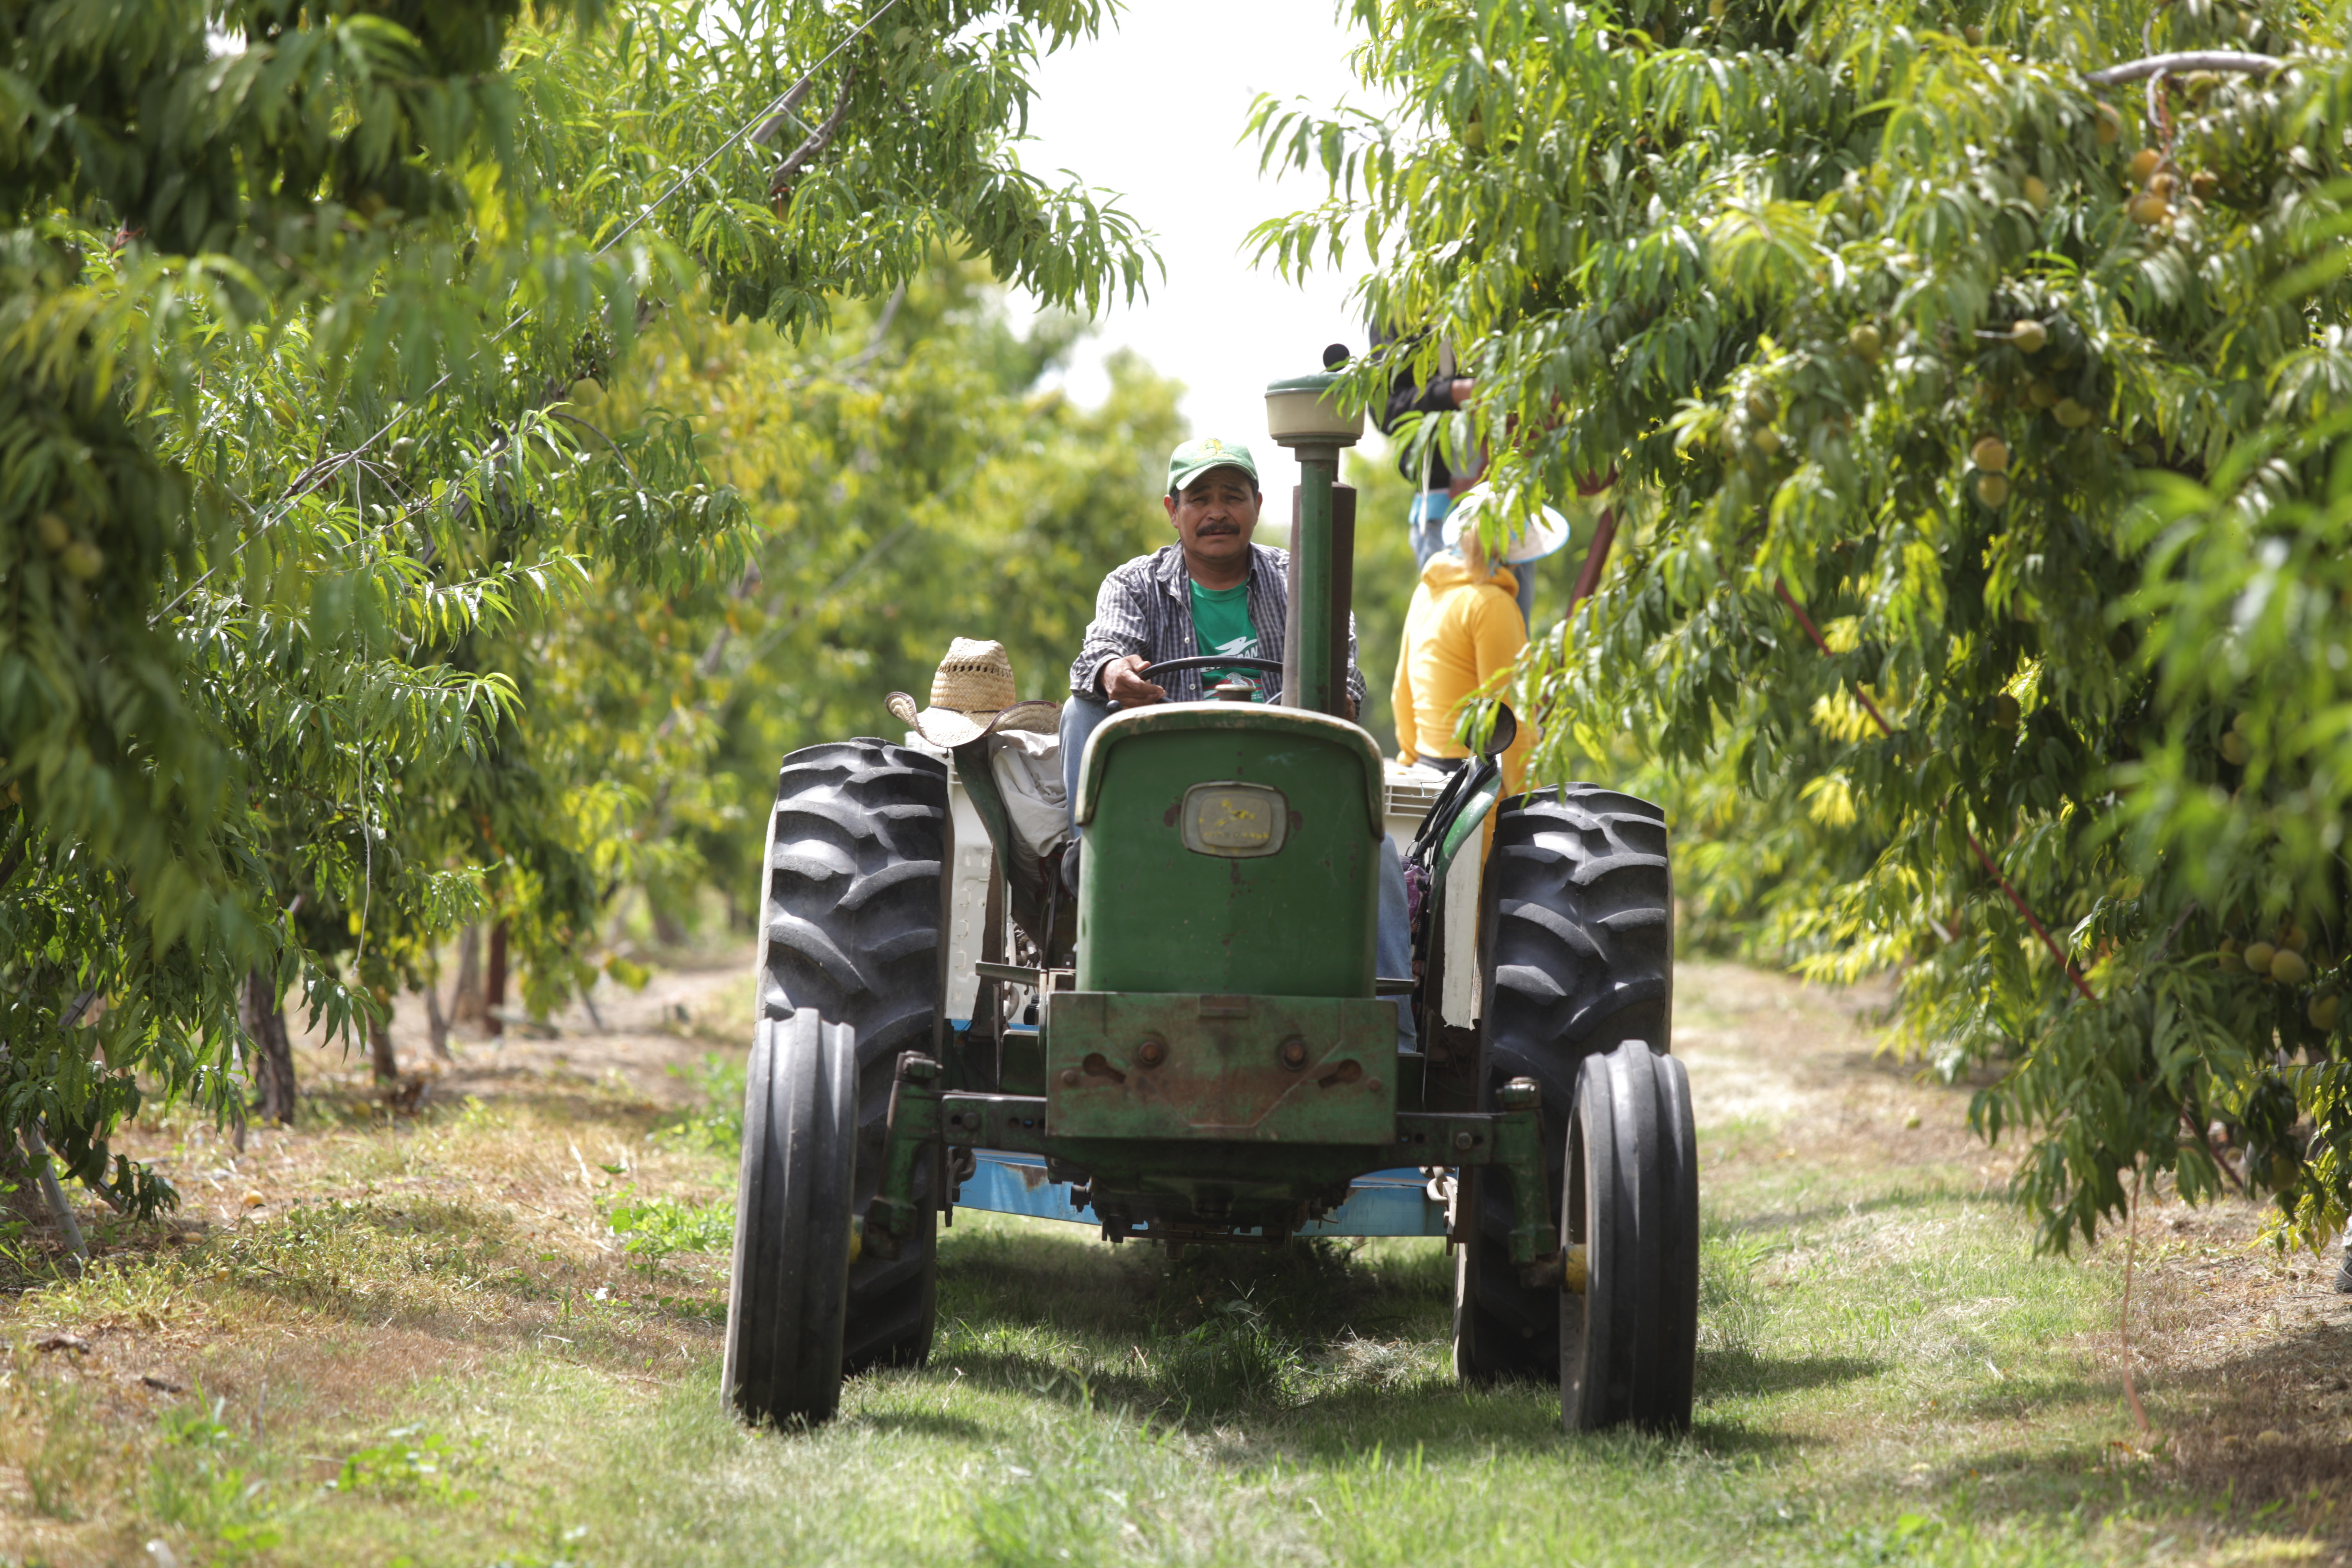 Actualmente, opera en 57 municipios  de 20 entidades del país, con paquetes de huertos y granjas familiares; infraestructura, equipamiento, animales menores y materiales para huertos comunitarios.